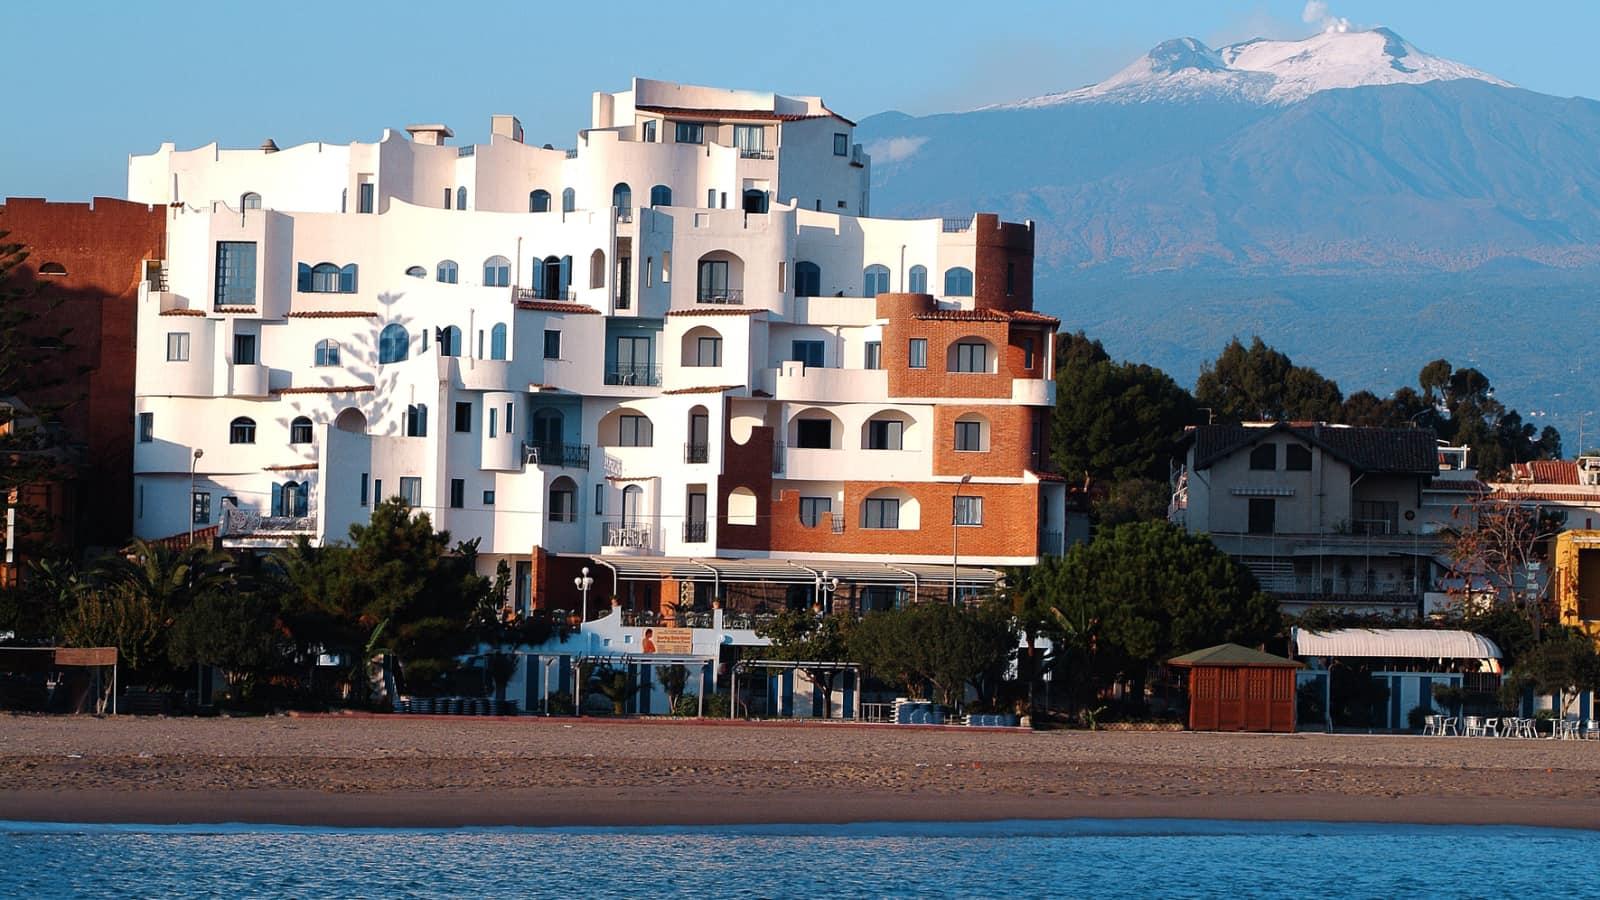 Hotel sporting baia giardini naxos - Hotel giardini naxos 3 stelle ...